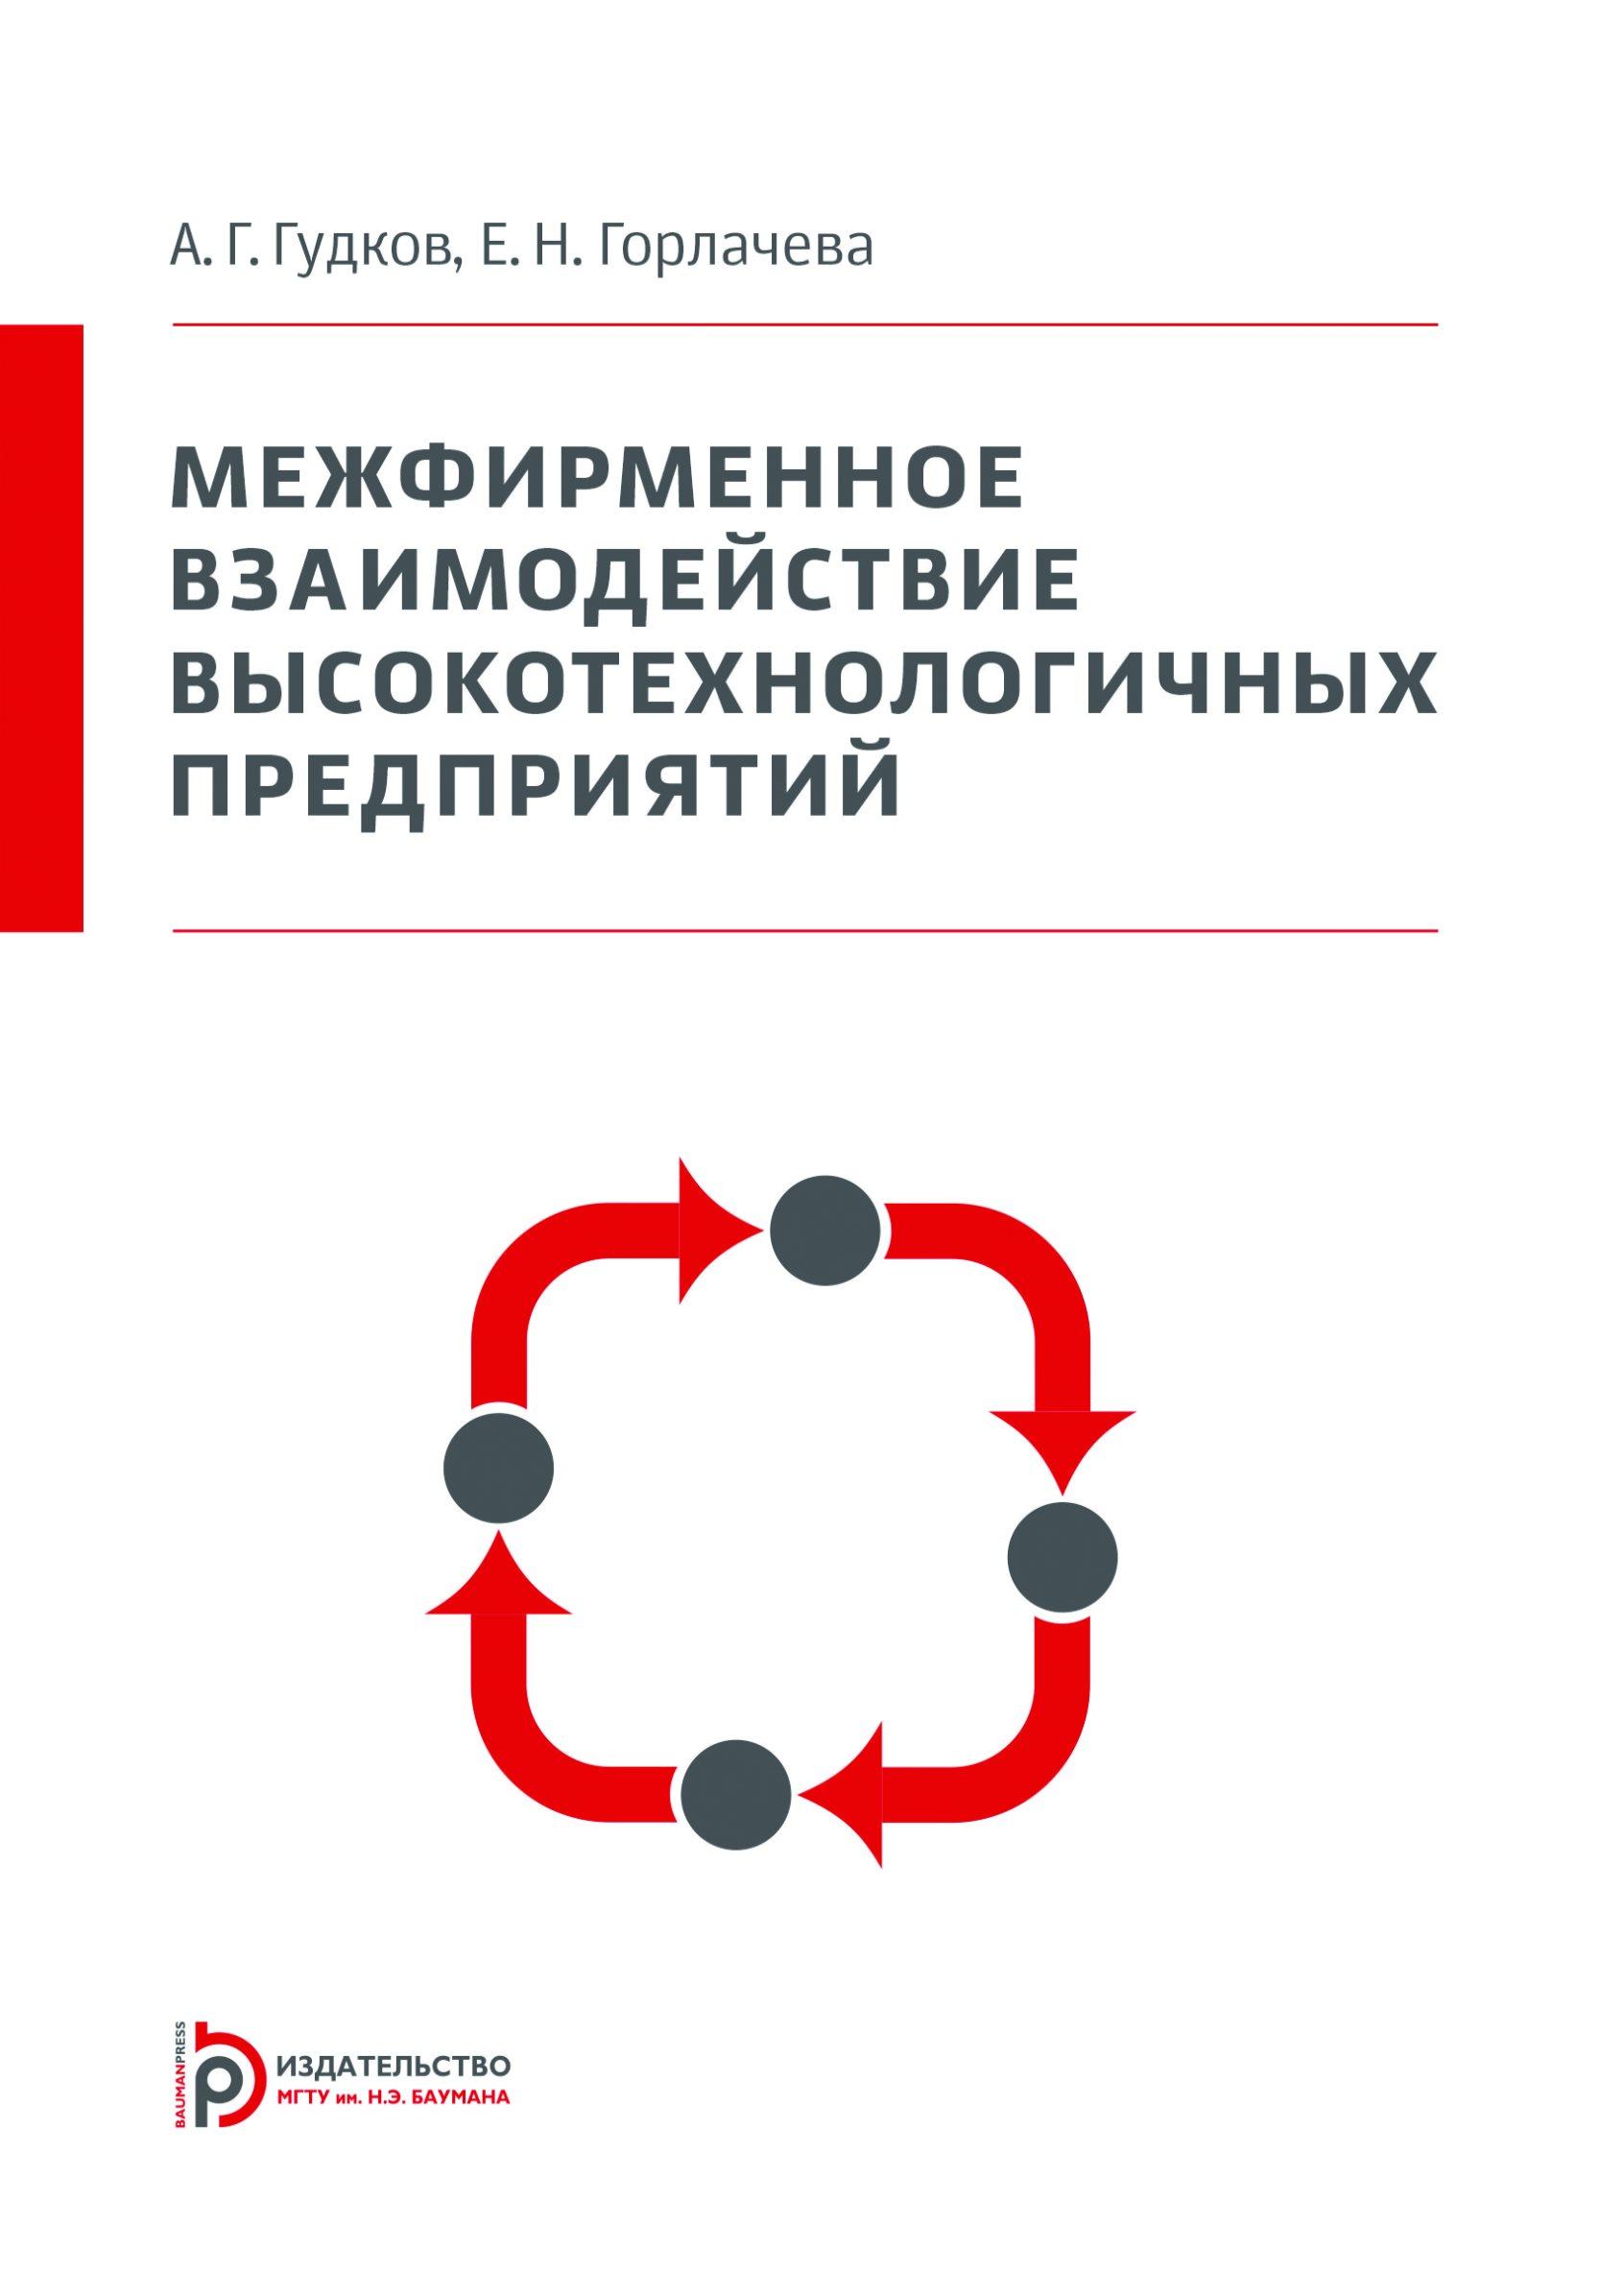 Евгения Горлачева Межфирменное взаимодействие высокотехнологичных предприятий